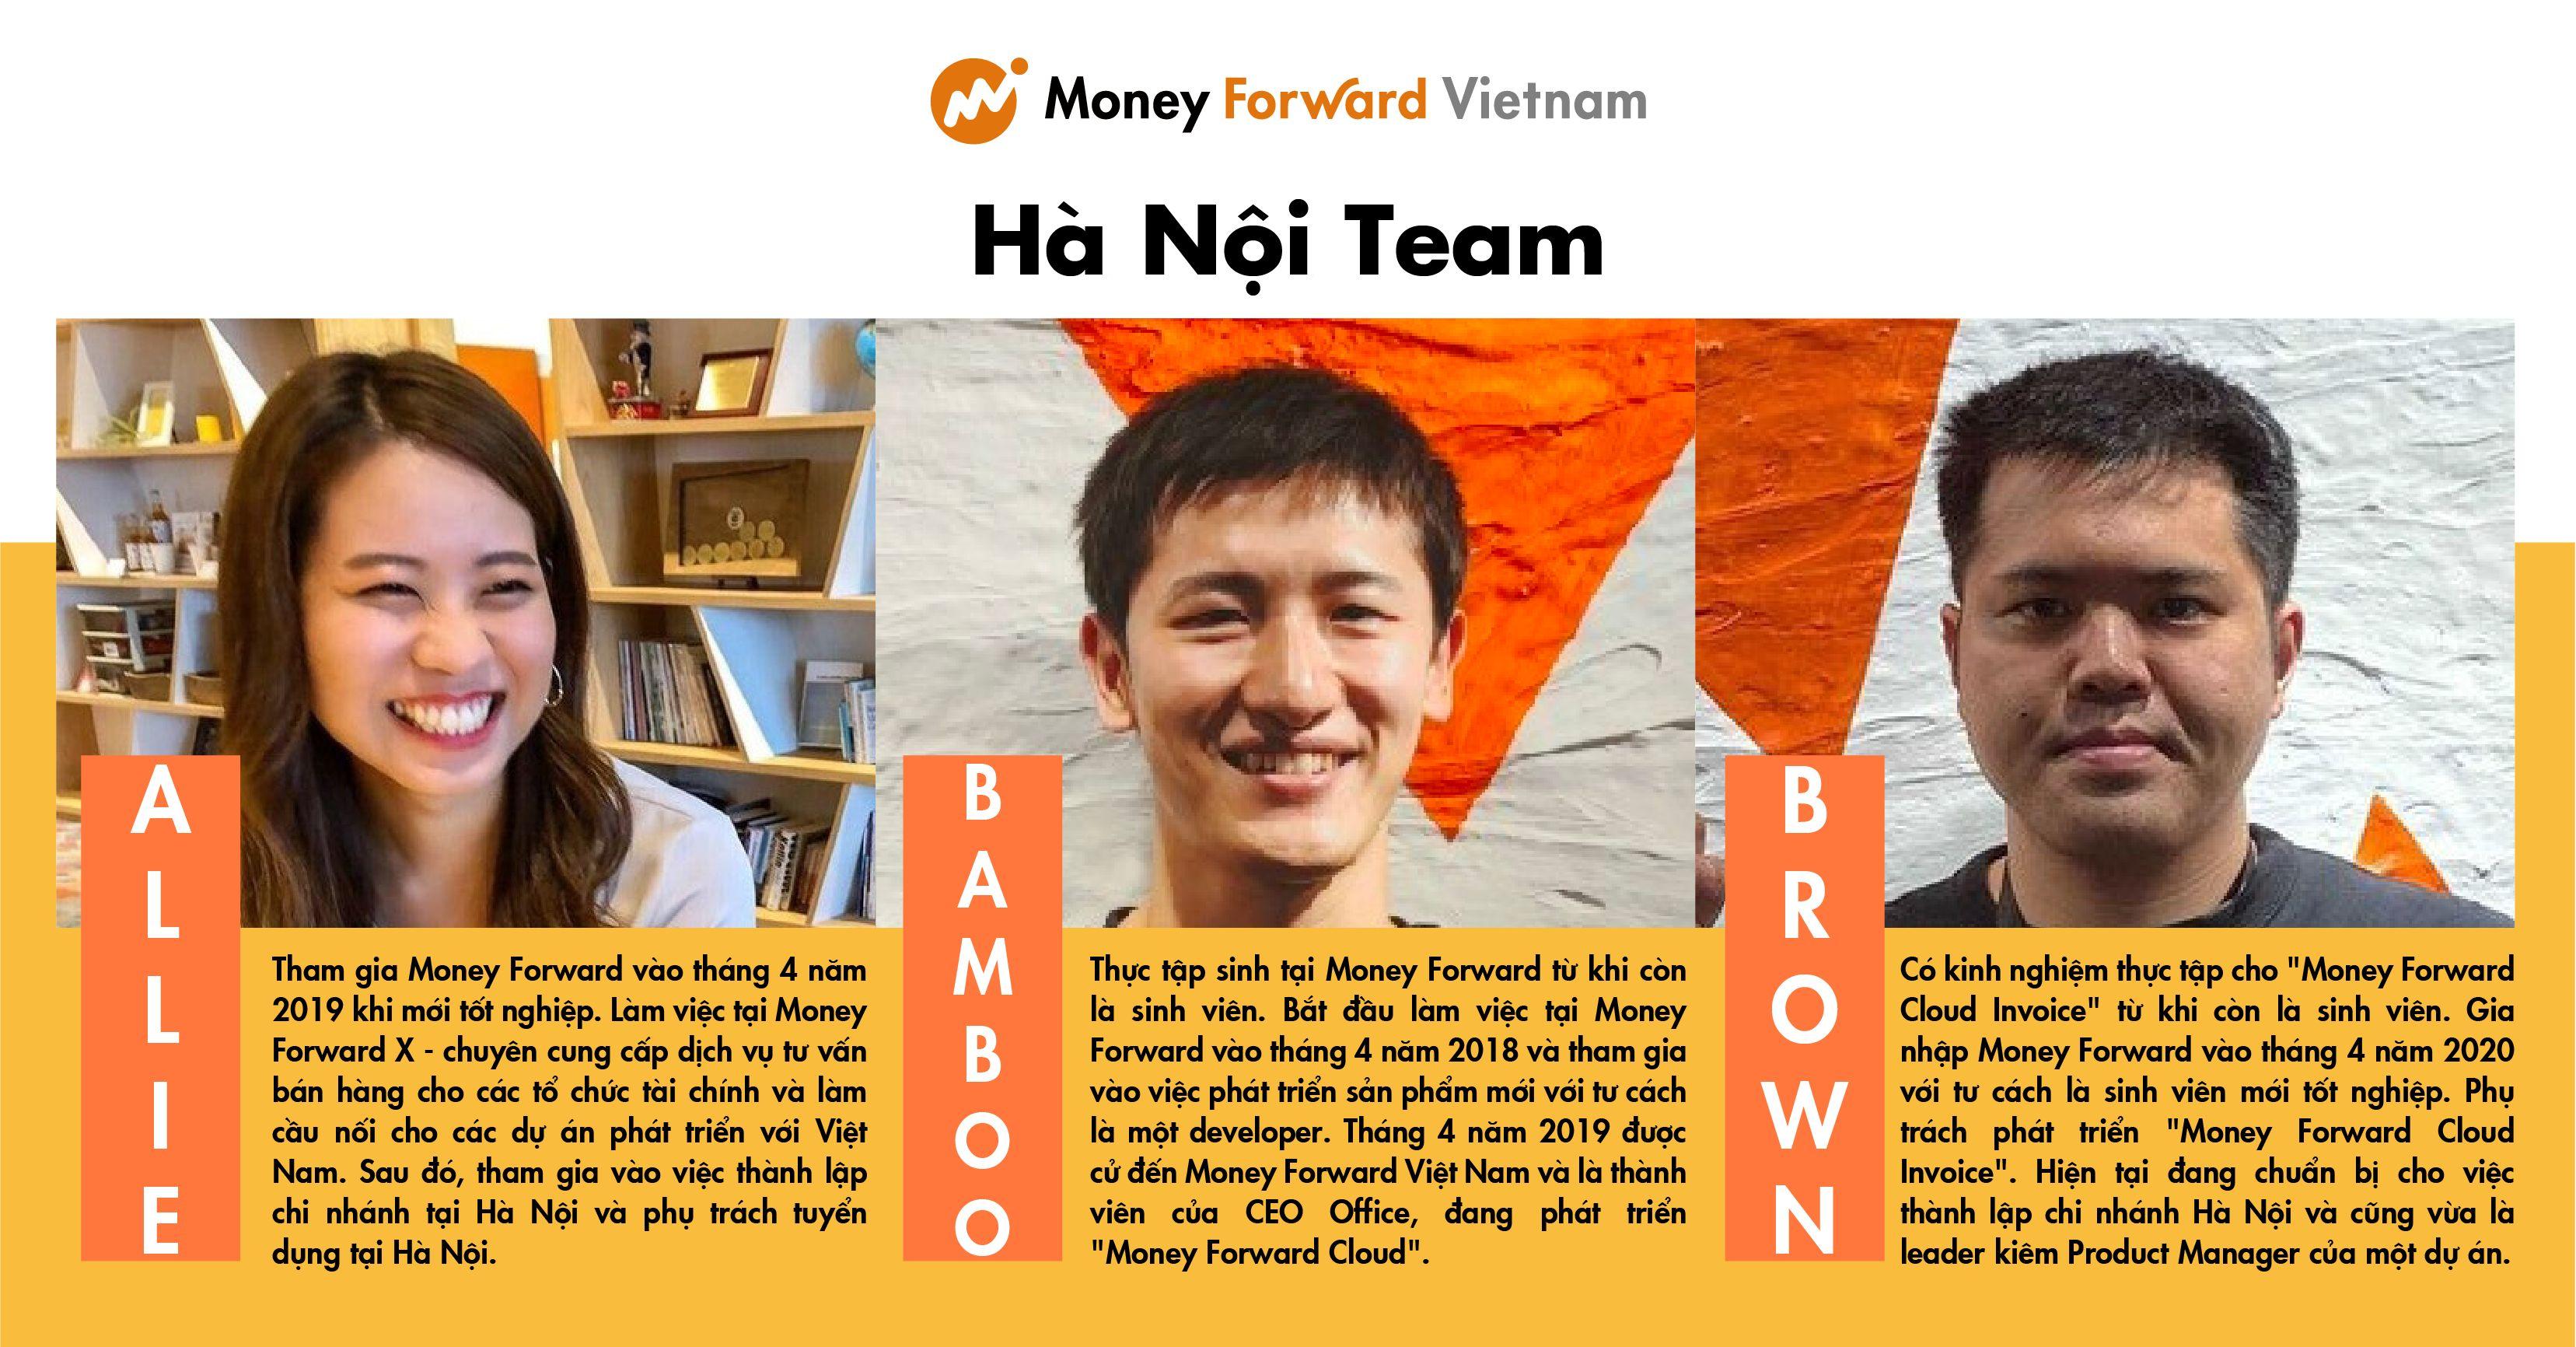 MFV Hà Nội Ký #1: Gặp Gỡ 3 Người Trụ Cột Trẻ Tuổi